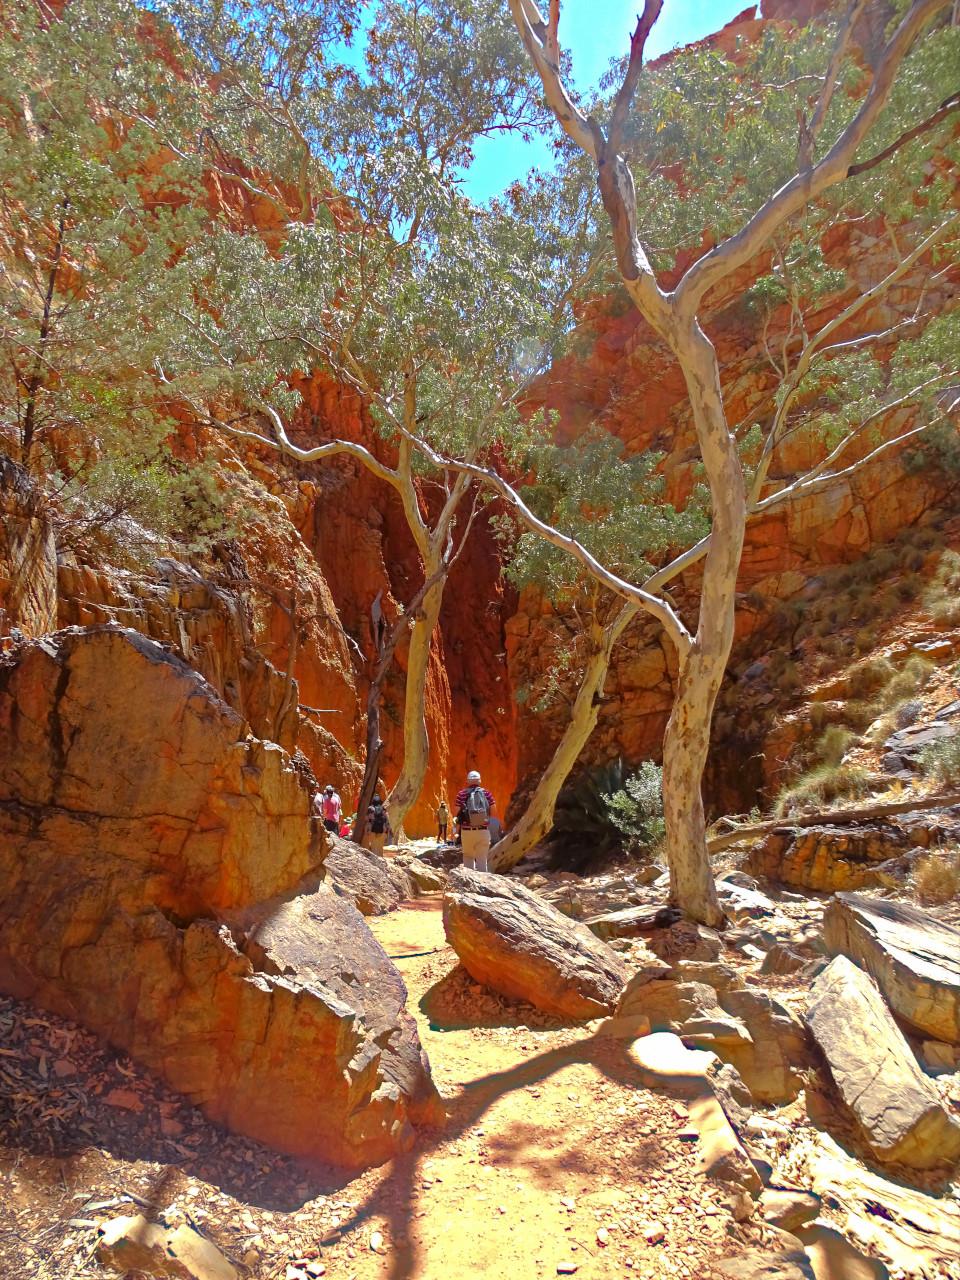 Entering a slot canyon Central Australia